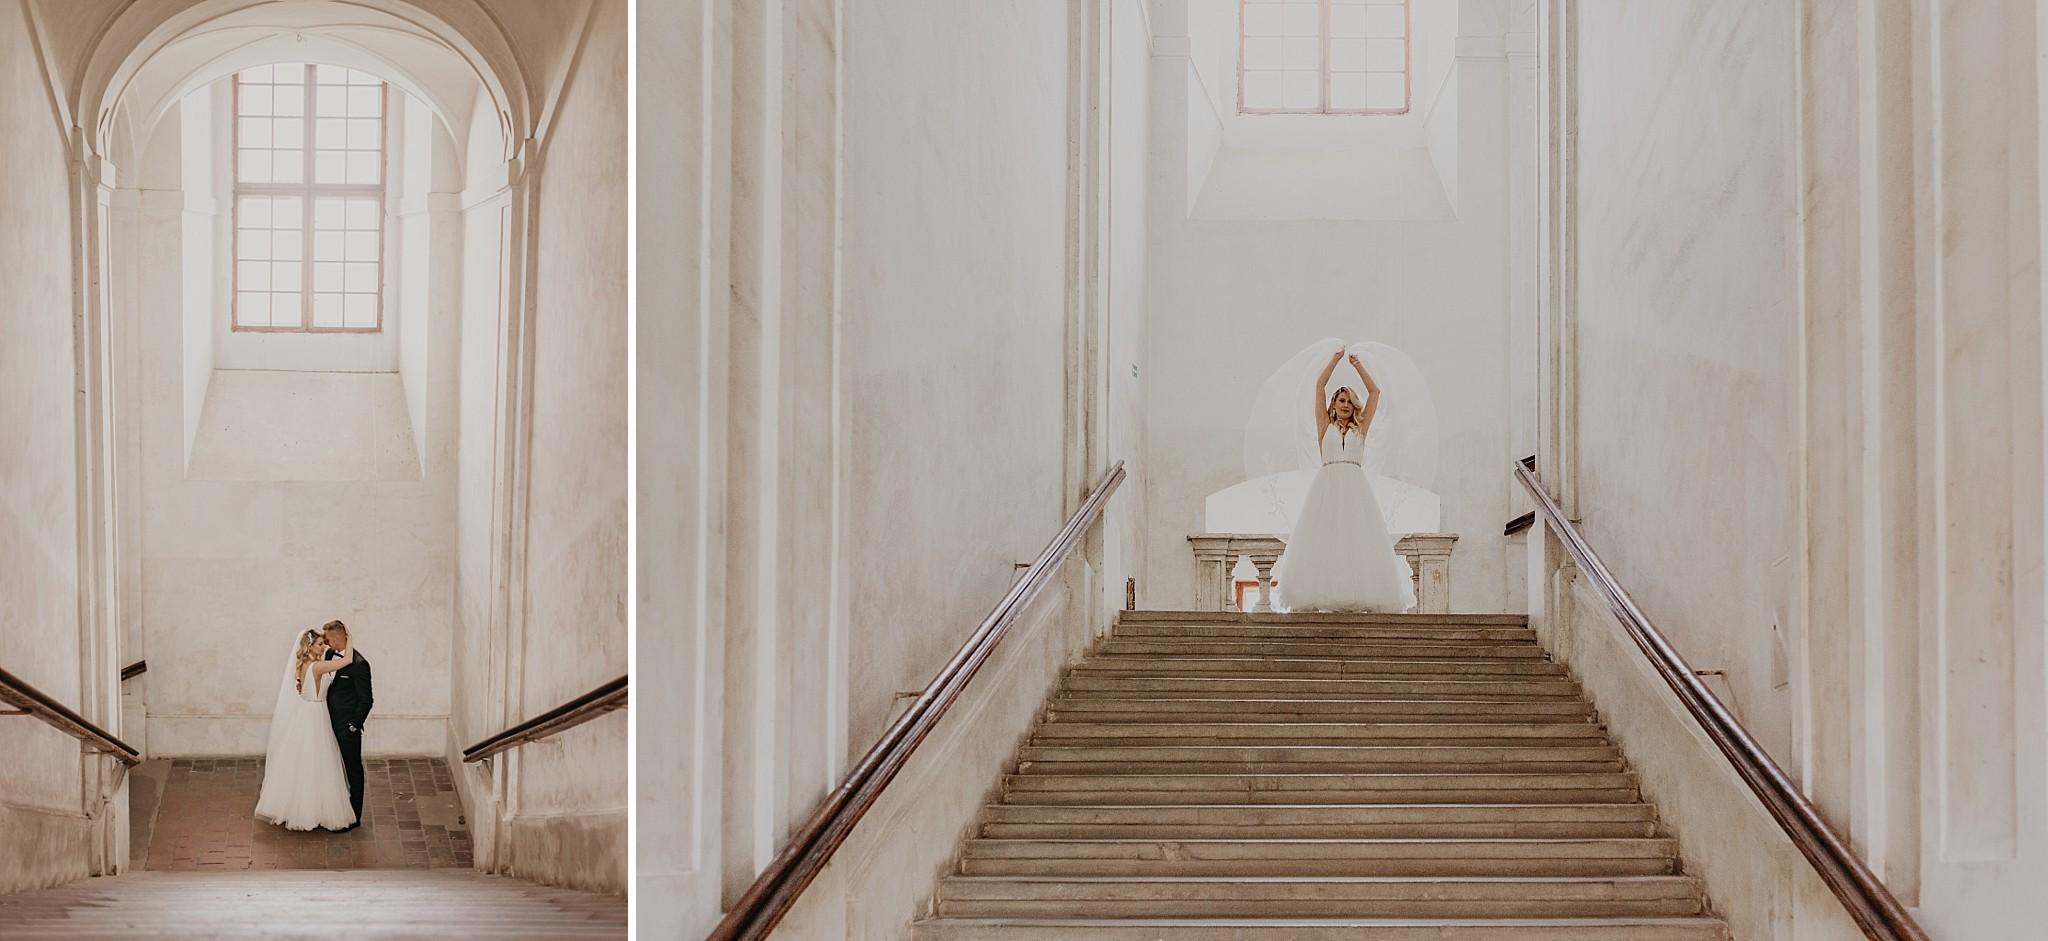 lubiaz opactwo cystersow sesja na zamku sesja zdjeciowa sesja slubna w palacu sesja palac fotograf z poznania fotografia slubna poznan 036